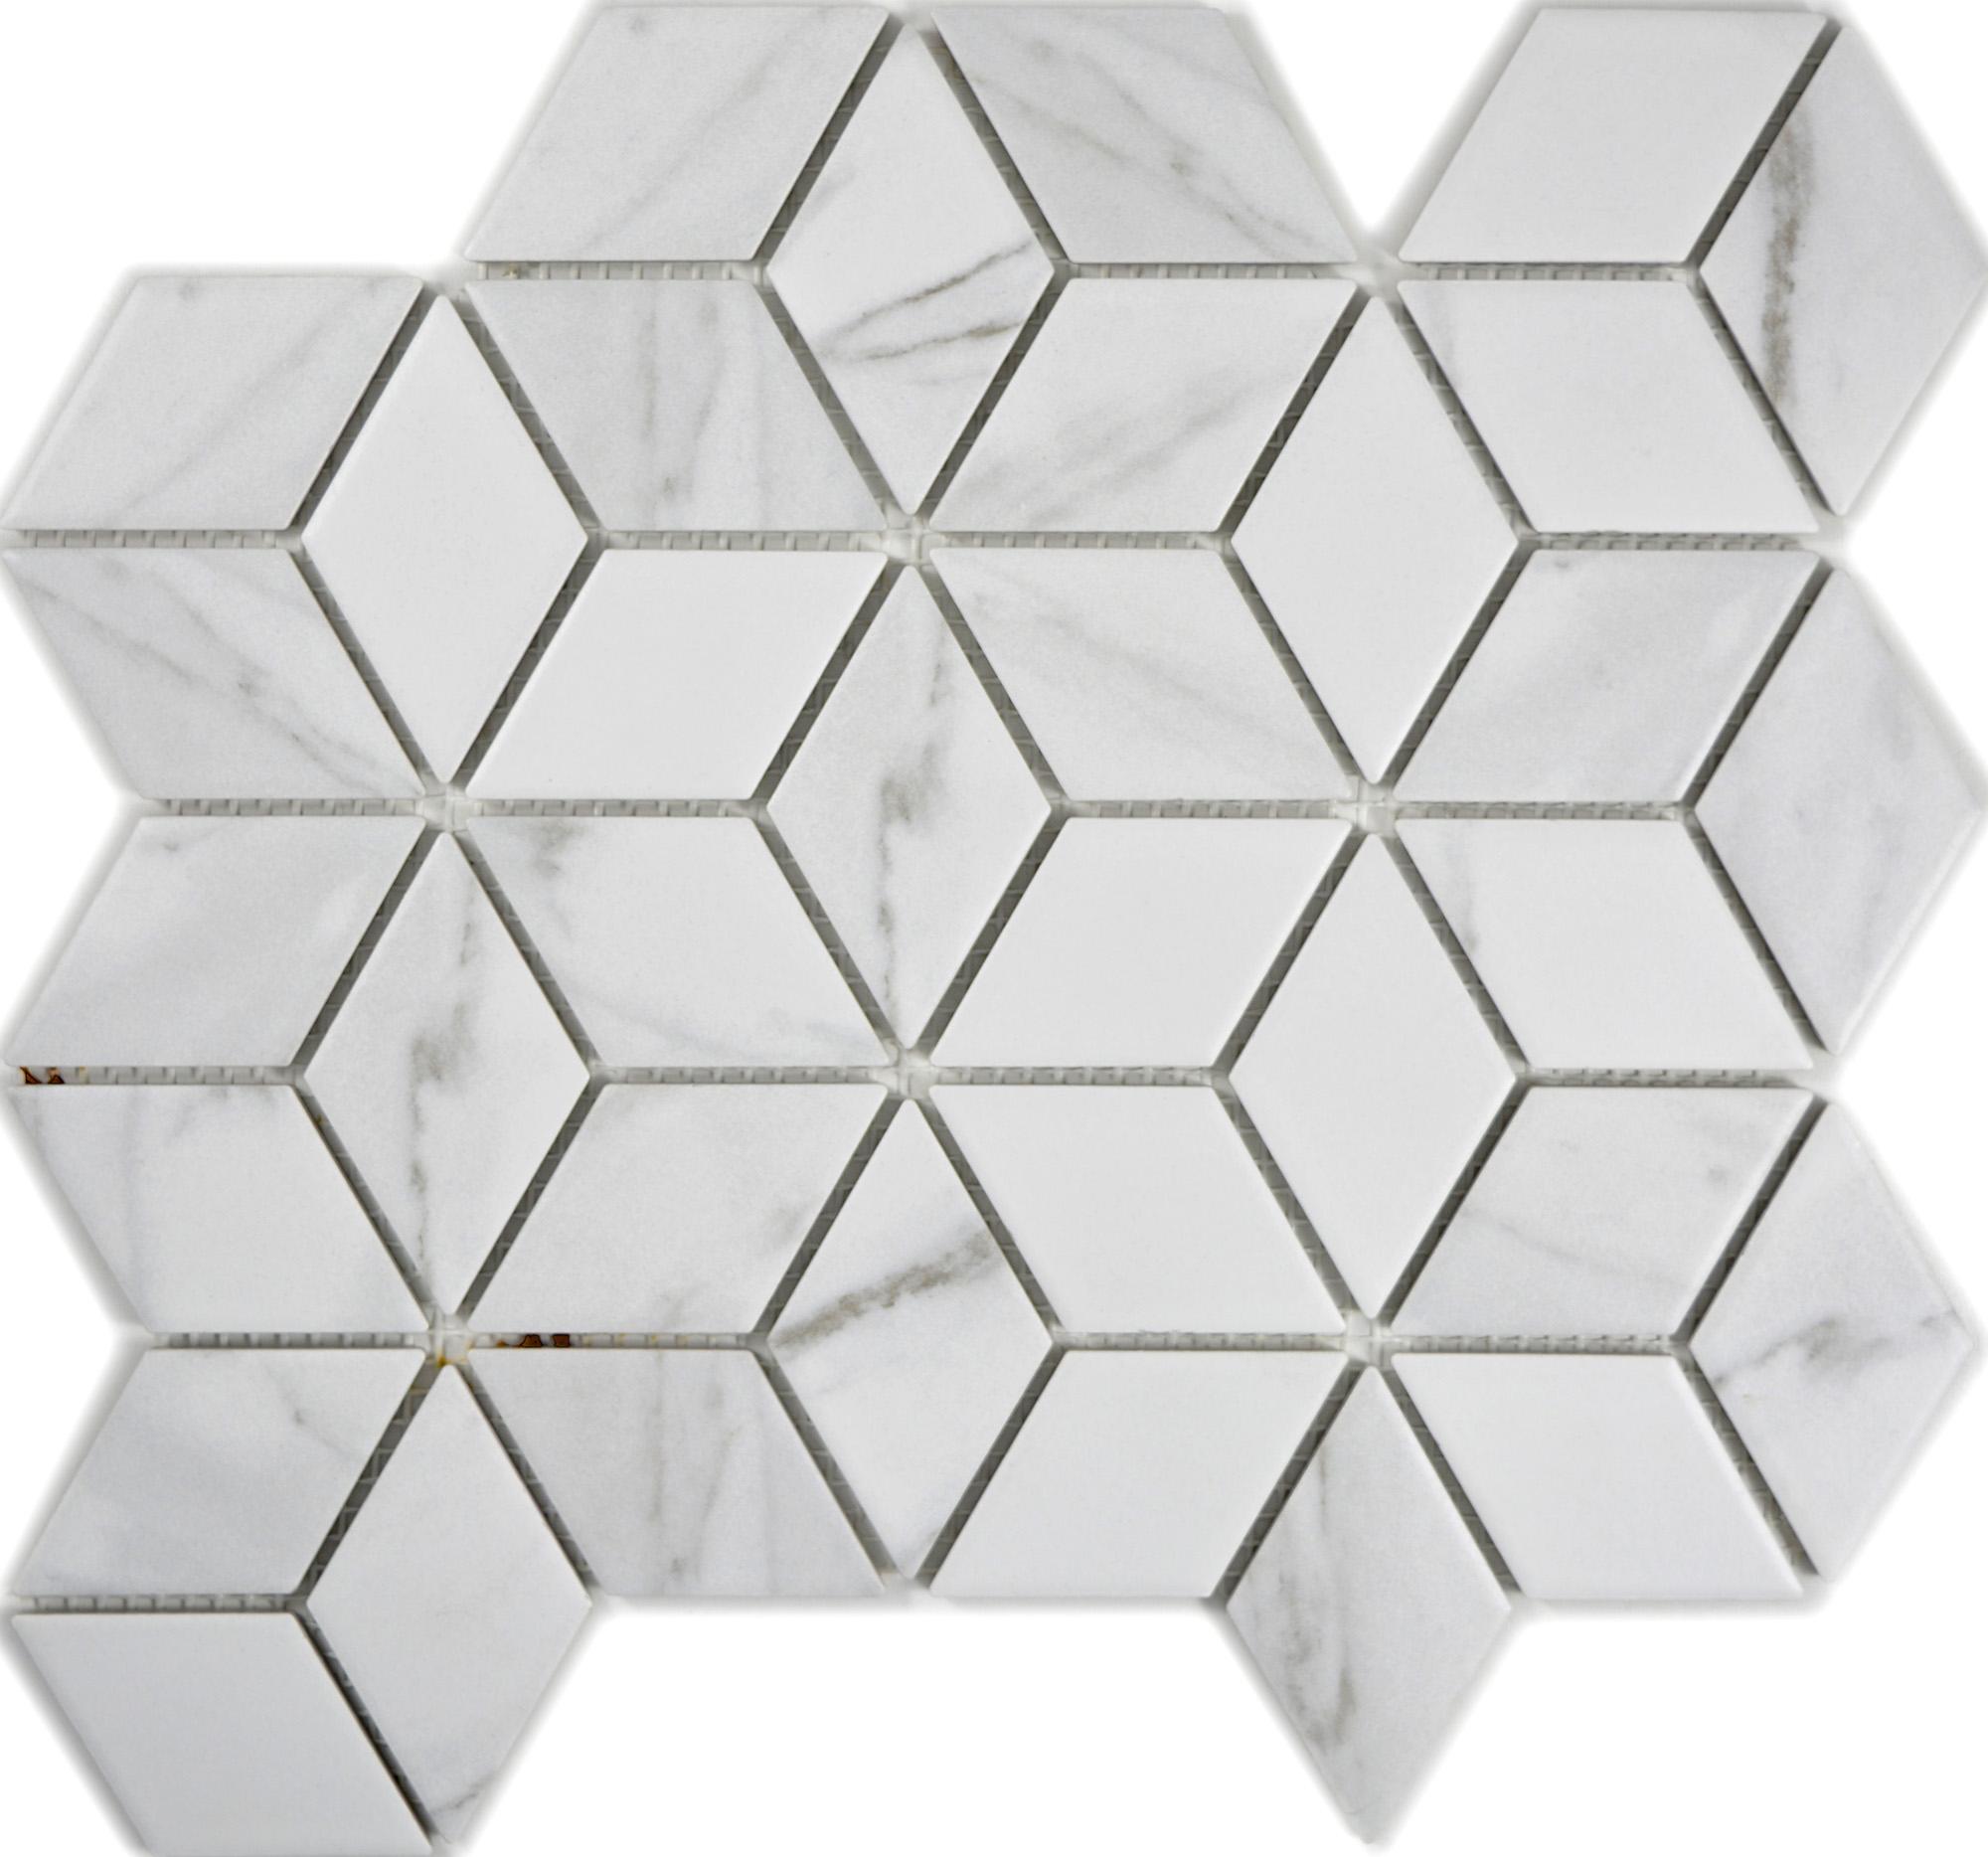 CIMPOVCR, Lasitettu marmorimosaiikki, Valkoinen, lattia,mosaiikki,pakkasenkesto,liukastumisenesto